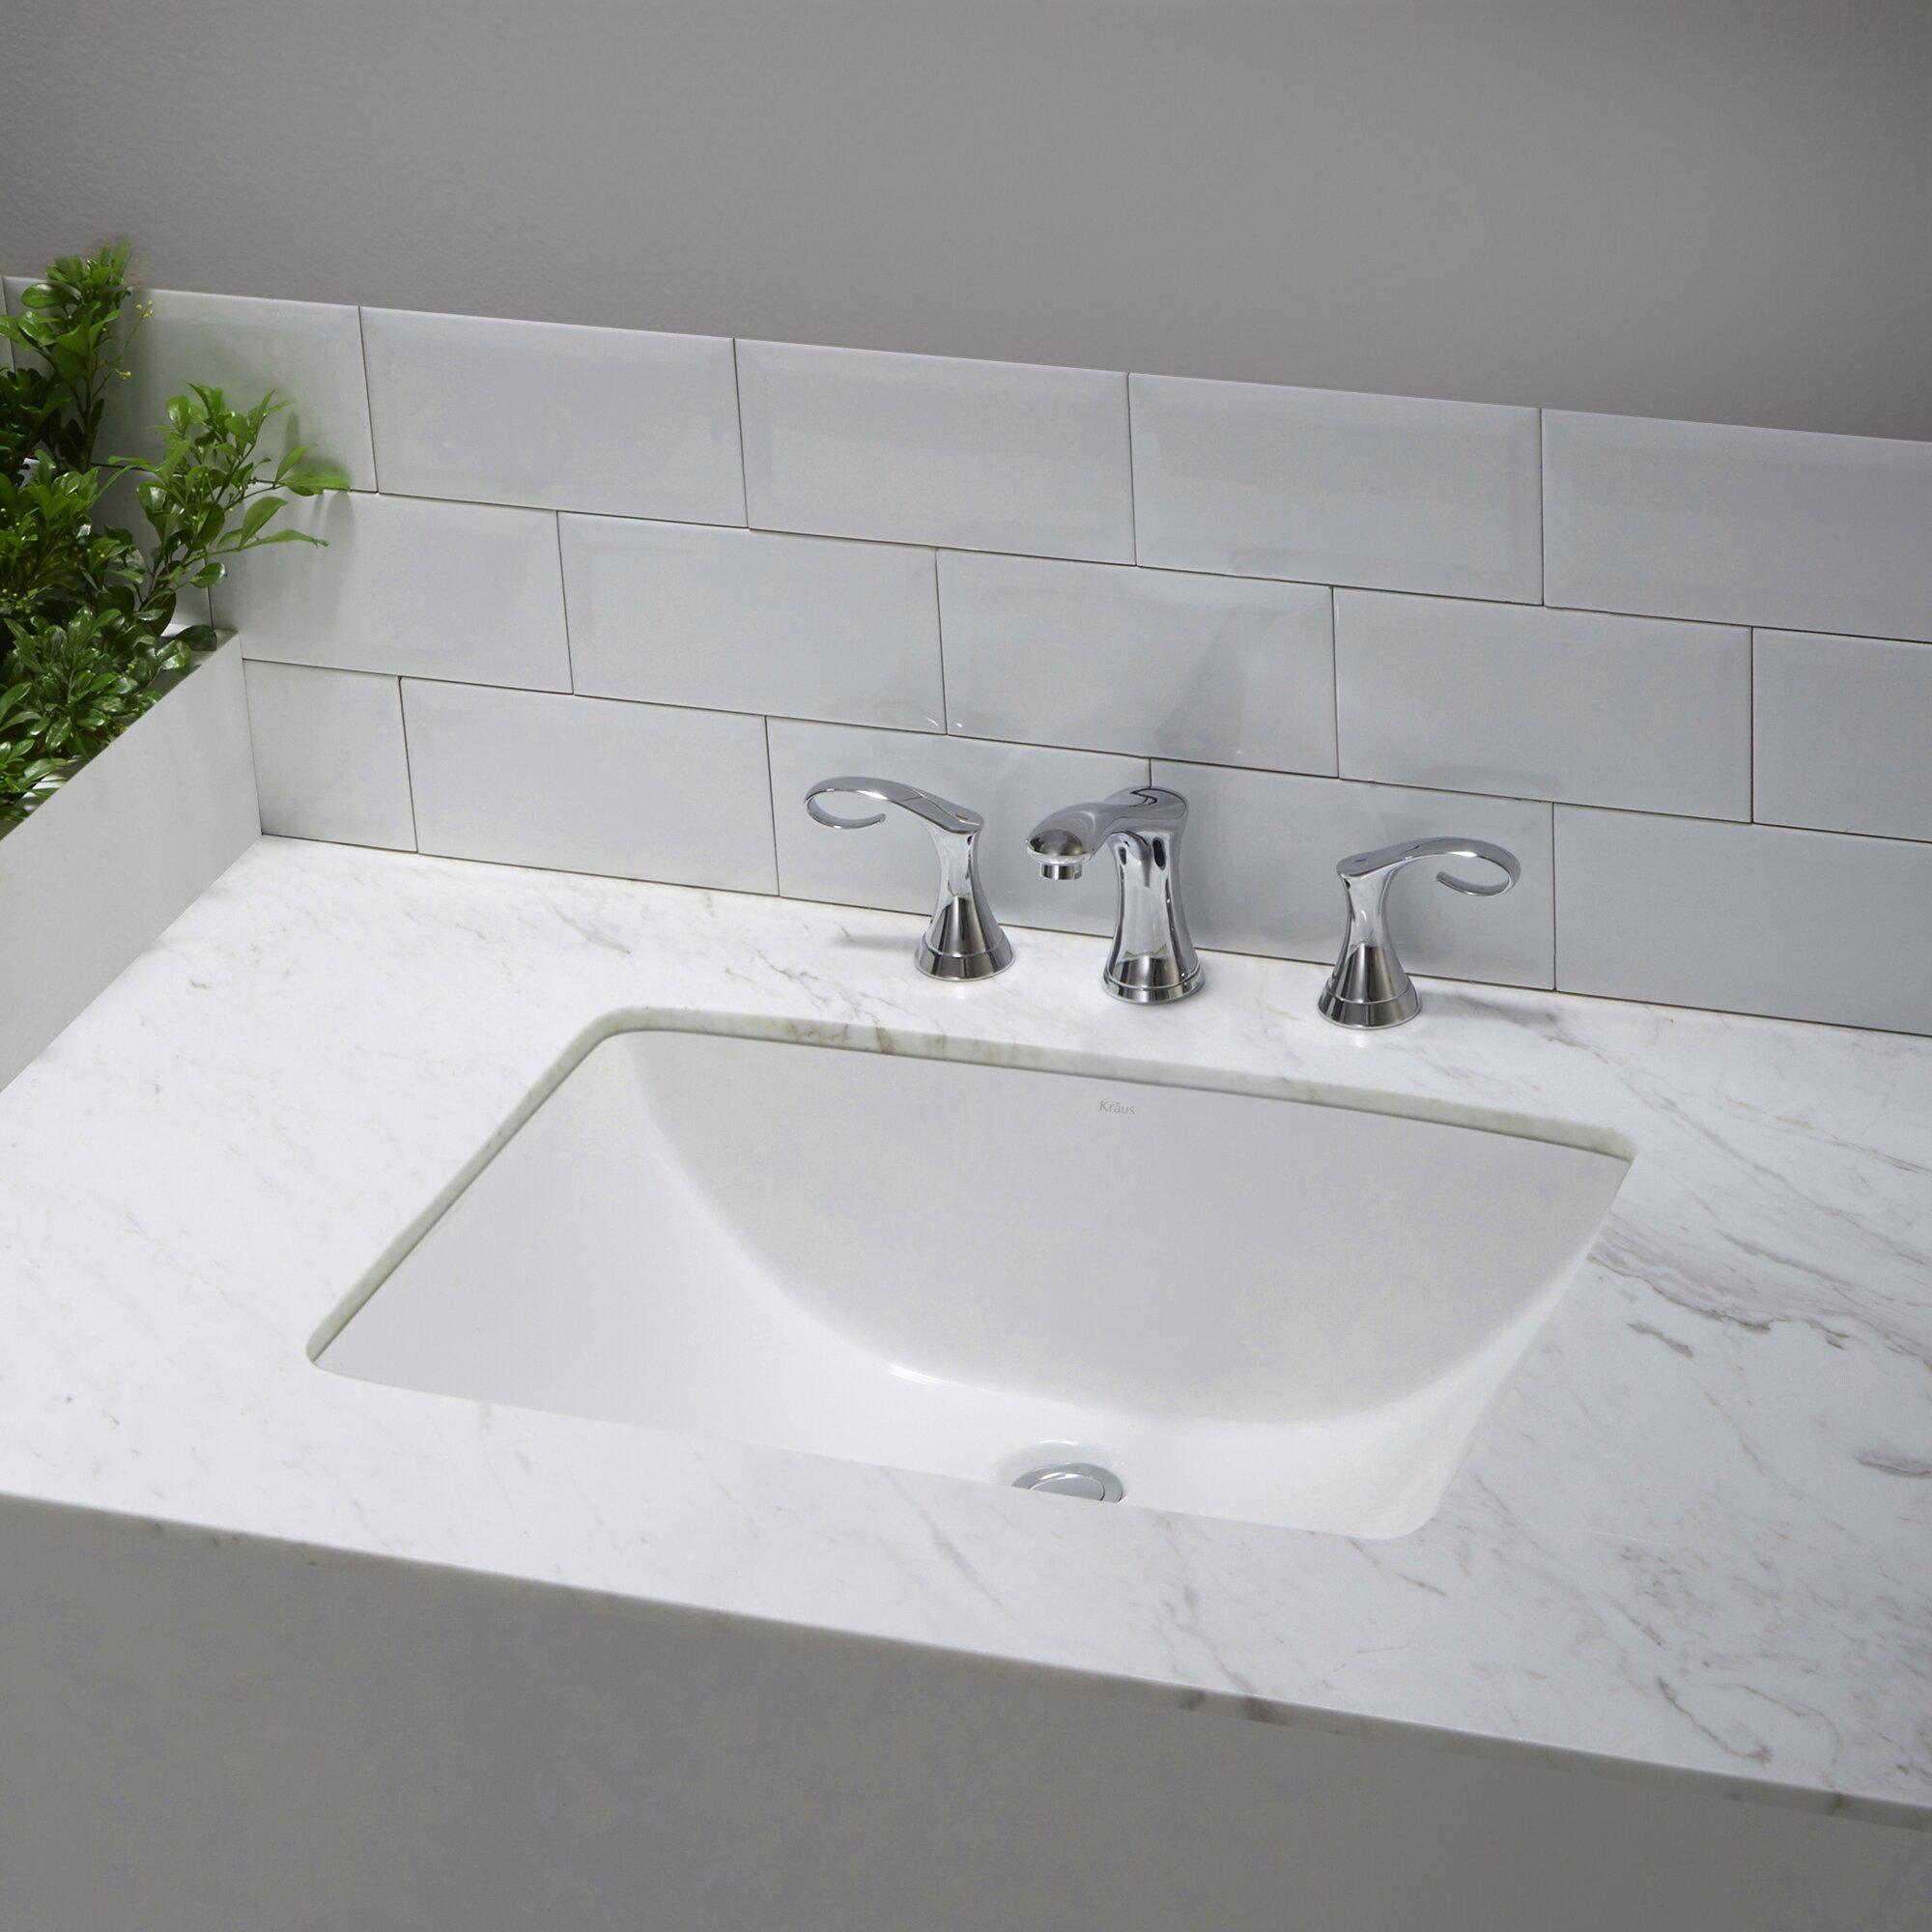 Schreiber Bathroom Cabinets Schreiber Bathroom Cabis Schreiber Bathroom  Cabinets Bathroom Design Ideas Schreiber Bathroom Cabinets